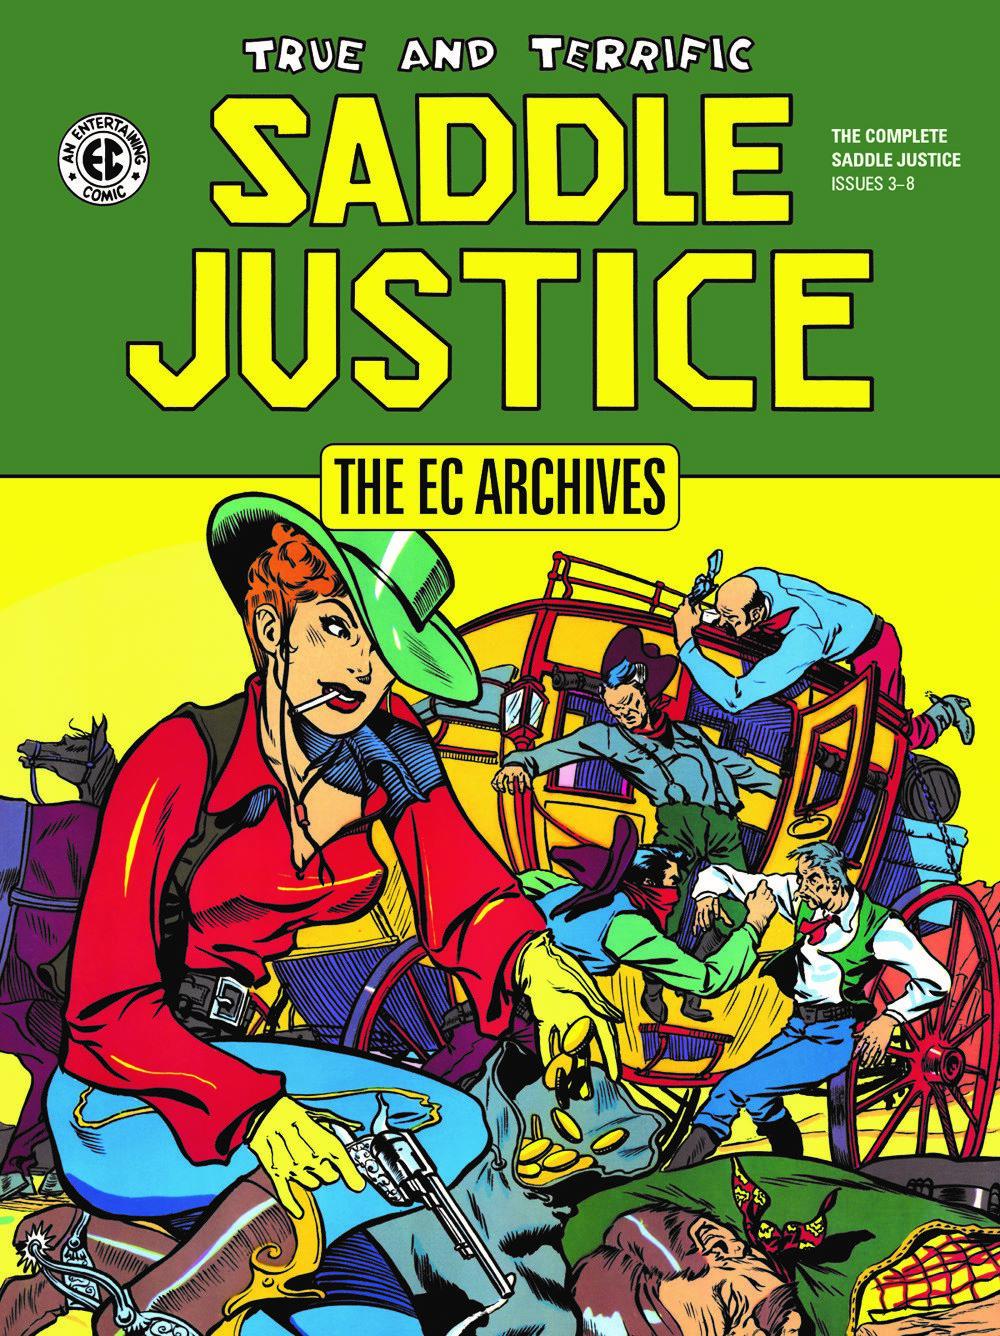 SJ_CVR_4x6_SOL Dark Horse Comics April 2021 Solicitations